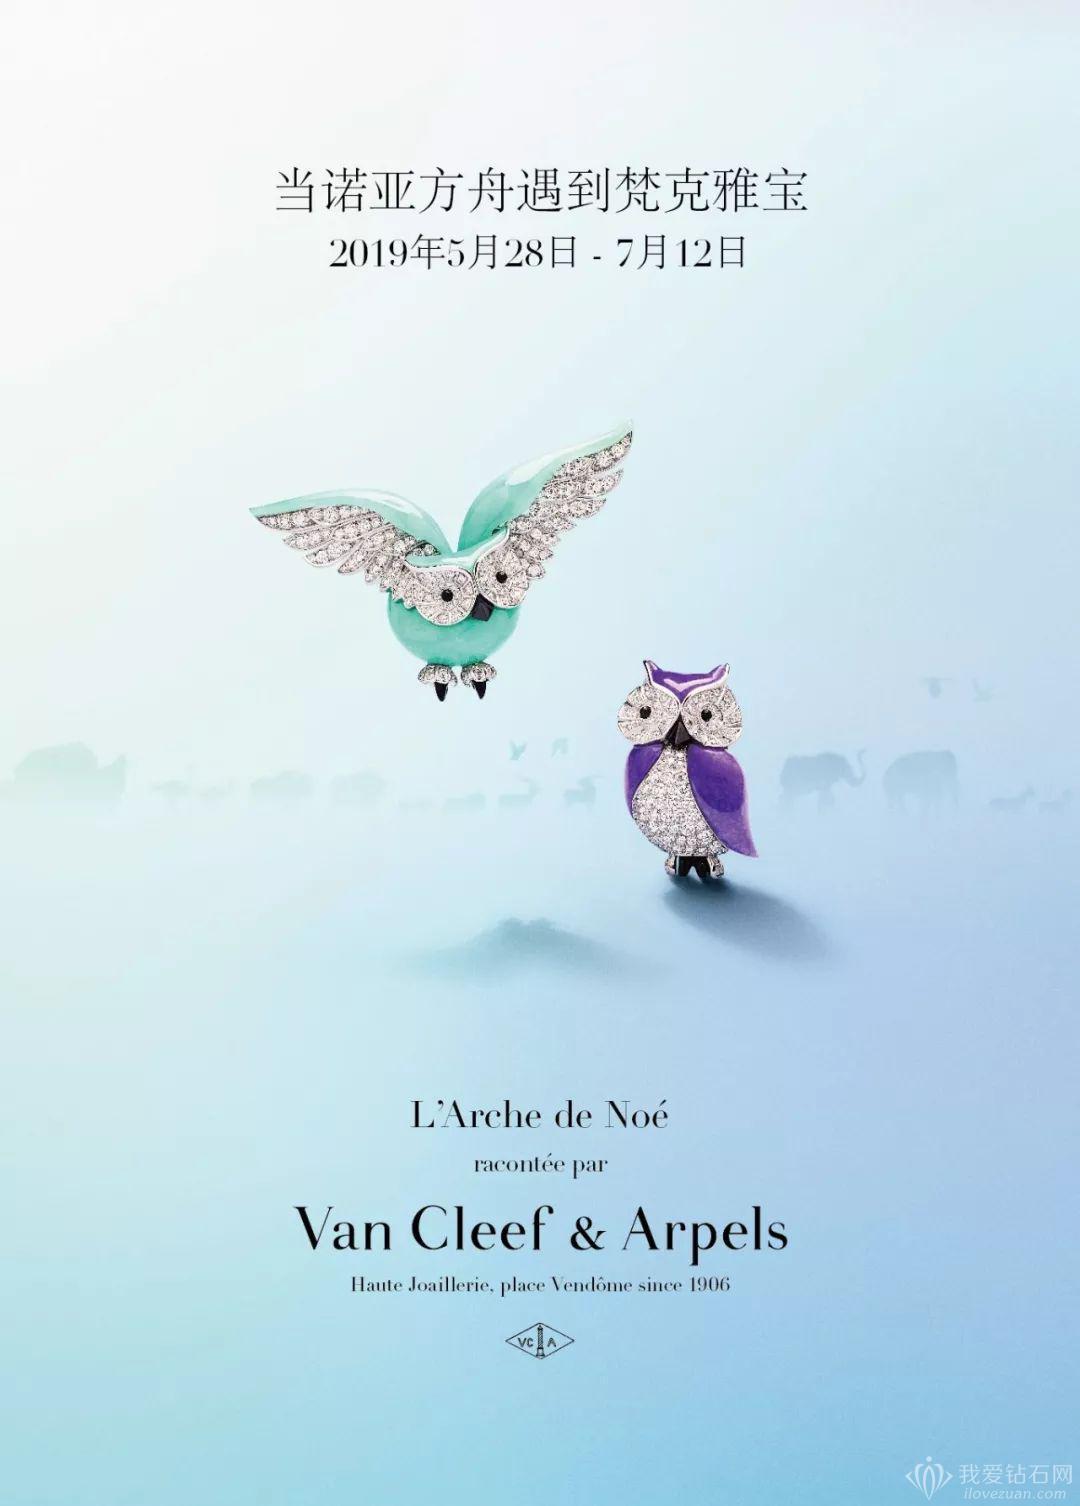 梵克雅宝汇聚每块土地上的动物爱侣 幻化成L'Arche de Noé高级珠宝系列